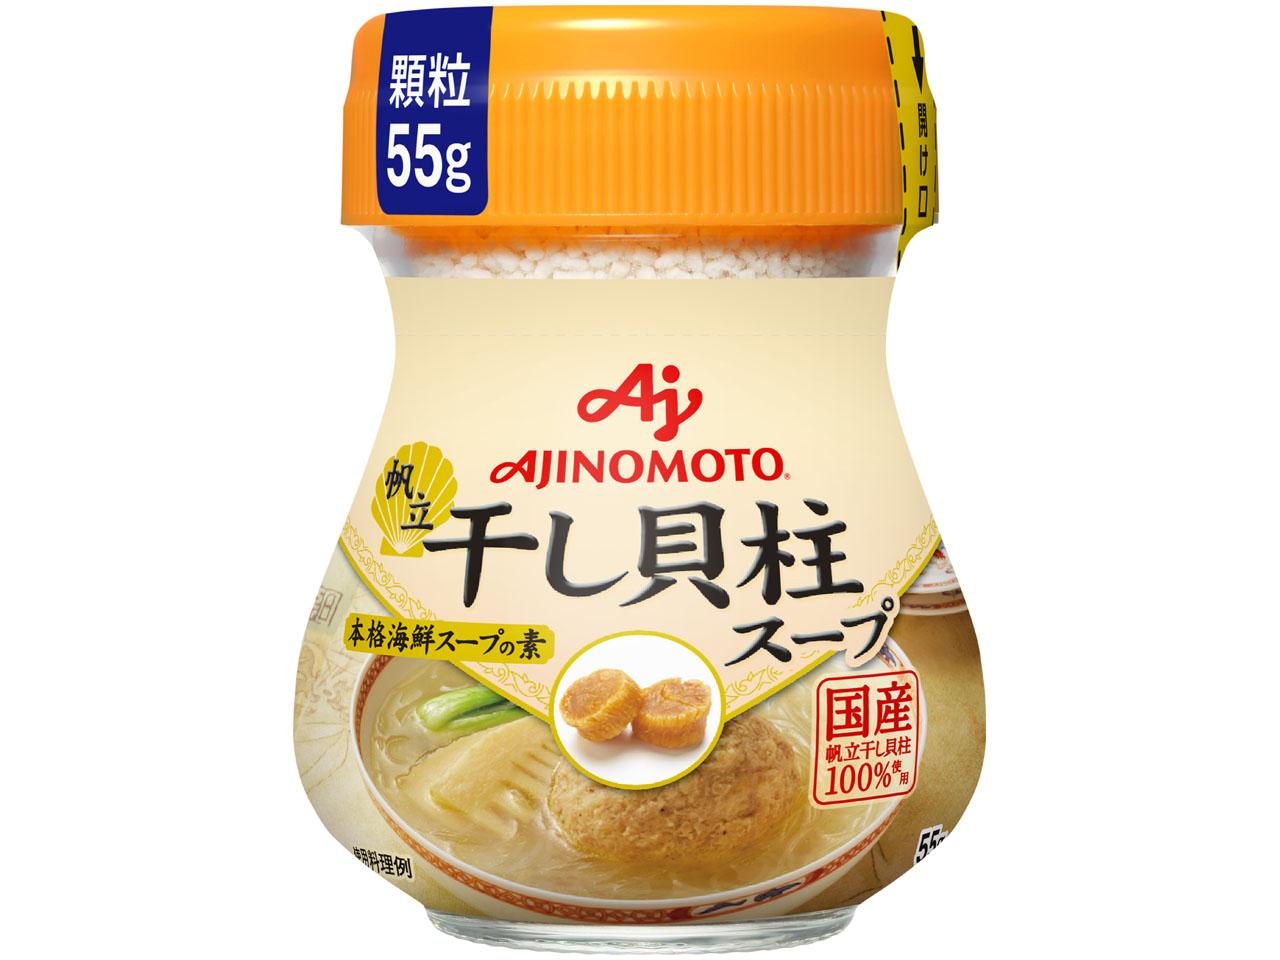 「味の素KK干し貝柱スープ」